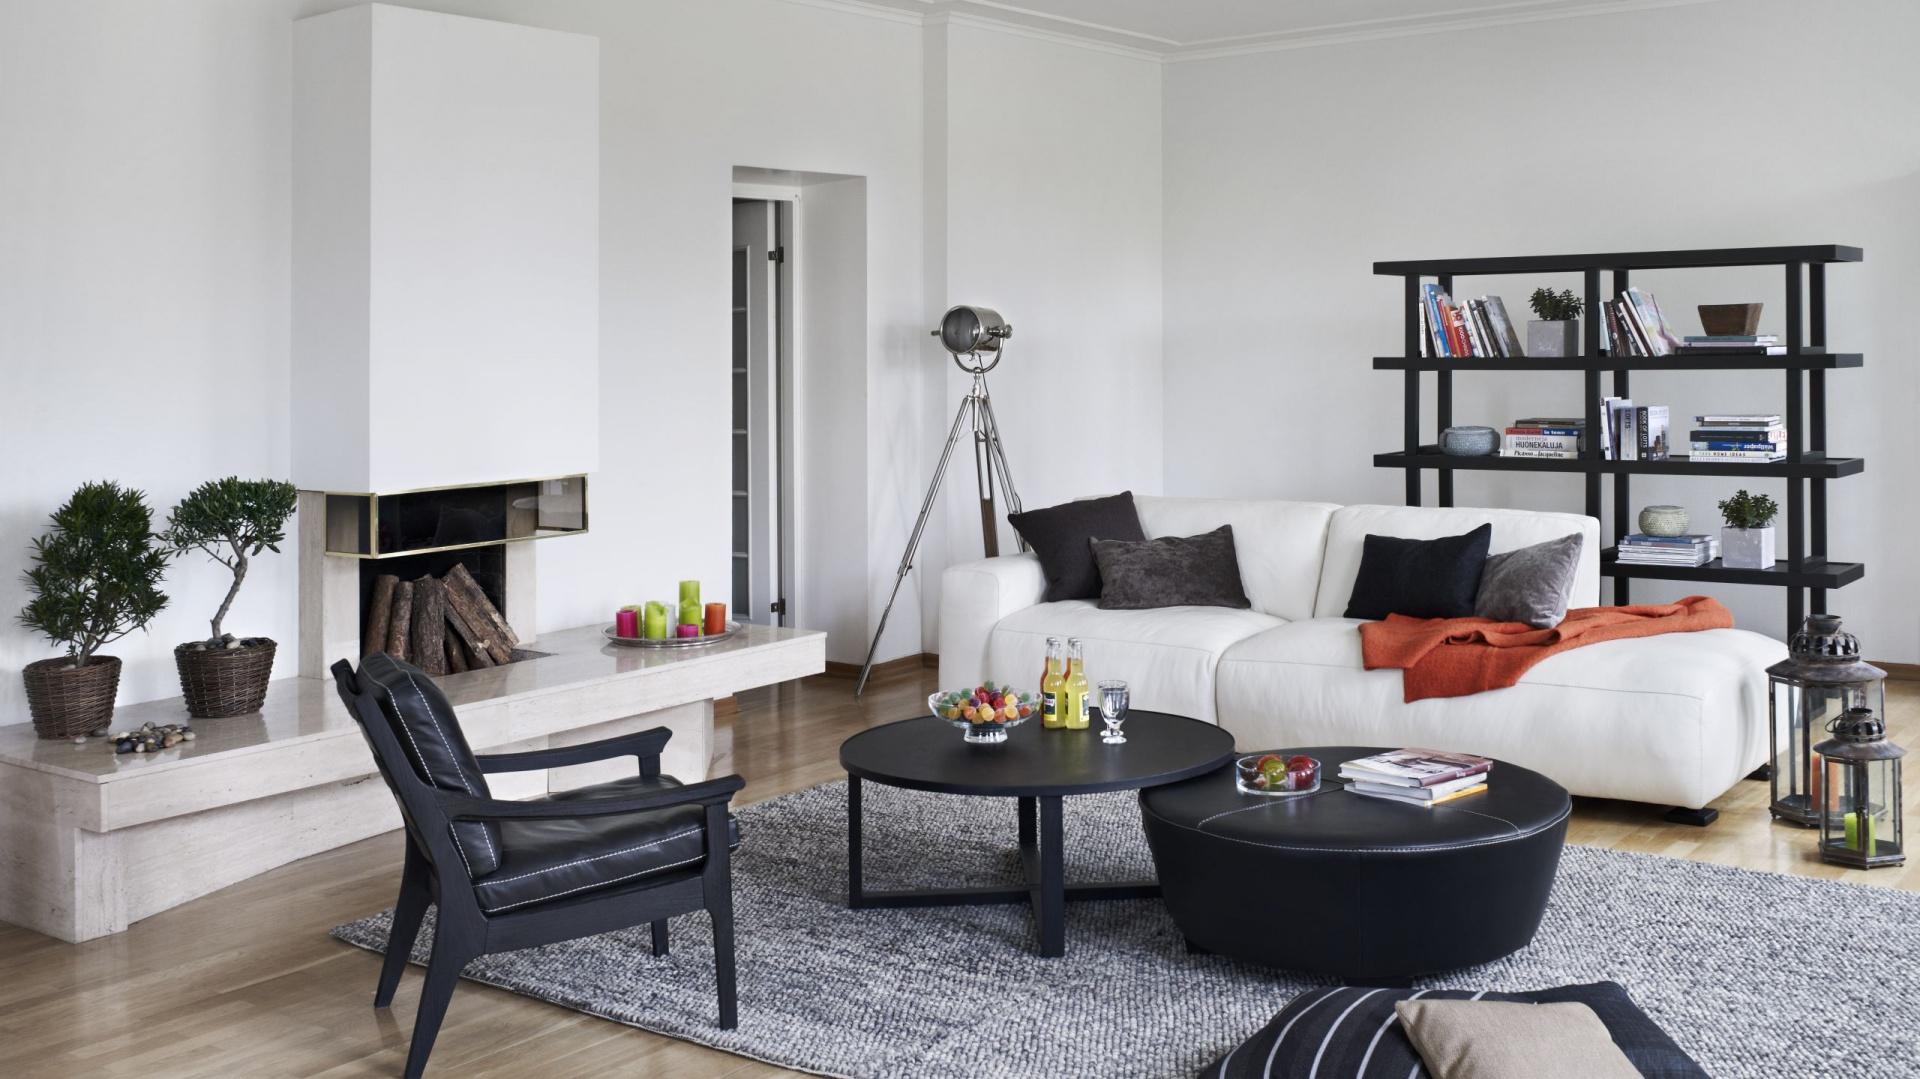 Nowoczesna sofa Zeus to mebel, który zasługuję na swoją nazwę. Urzeka niebanalnym wyglądem, pasuje zarówno do wnętrz klasycznych, jak i nowoczesnych, a także gwarantuje wygodny wypoczynek. Cena: od 3.562 zł. Fot. Inne Meble.